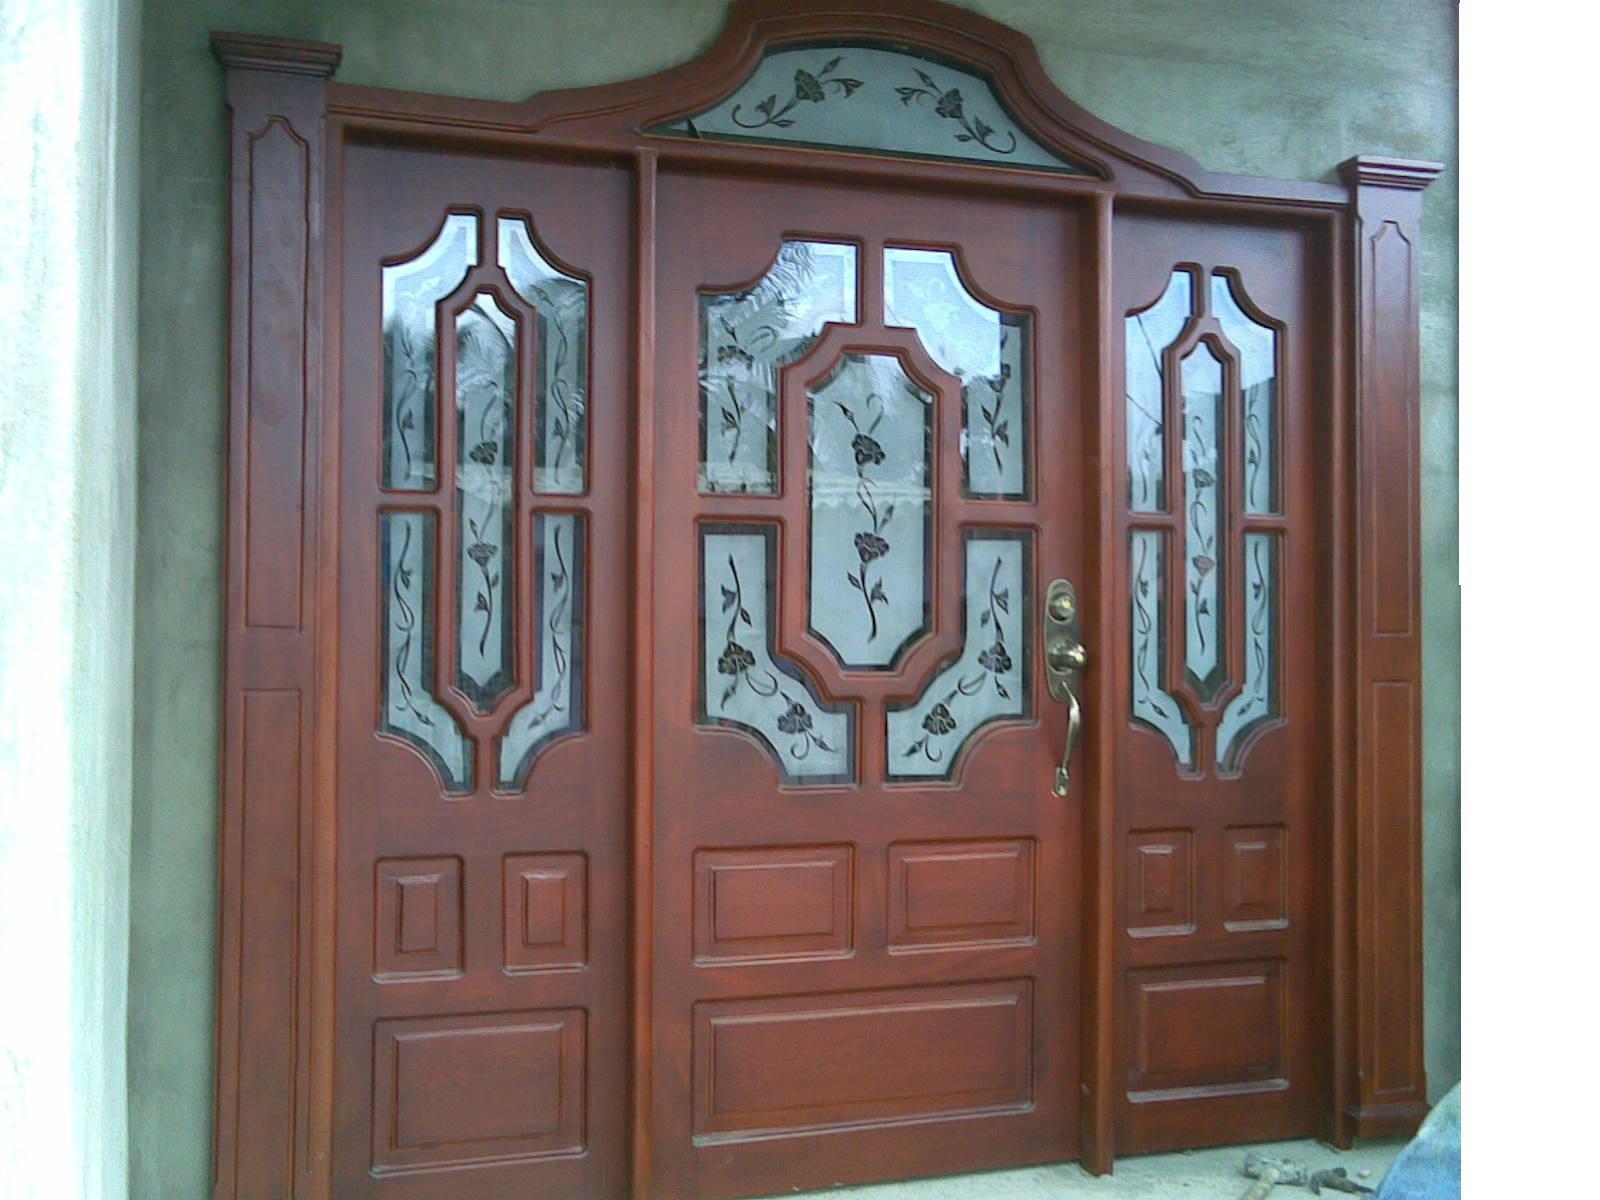 Muebles reinel carpenter puertas principales - Puertas principales de madera ...